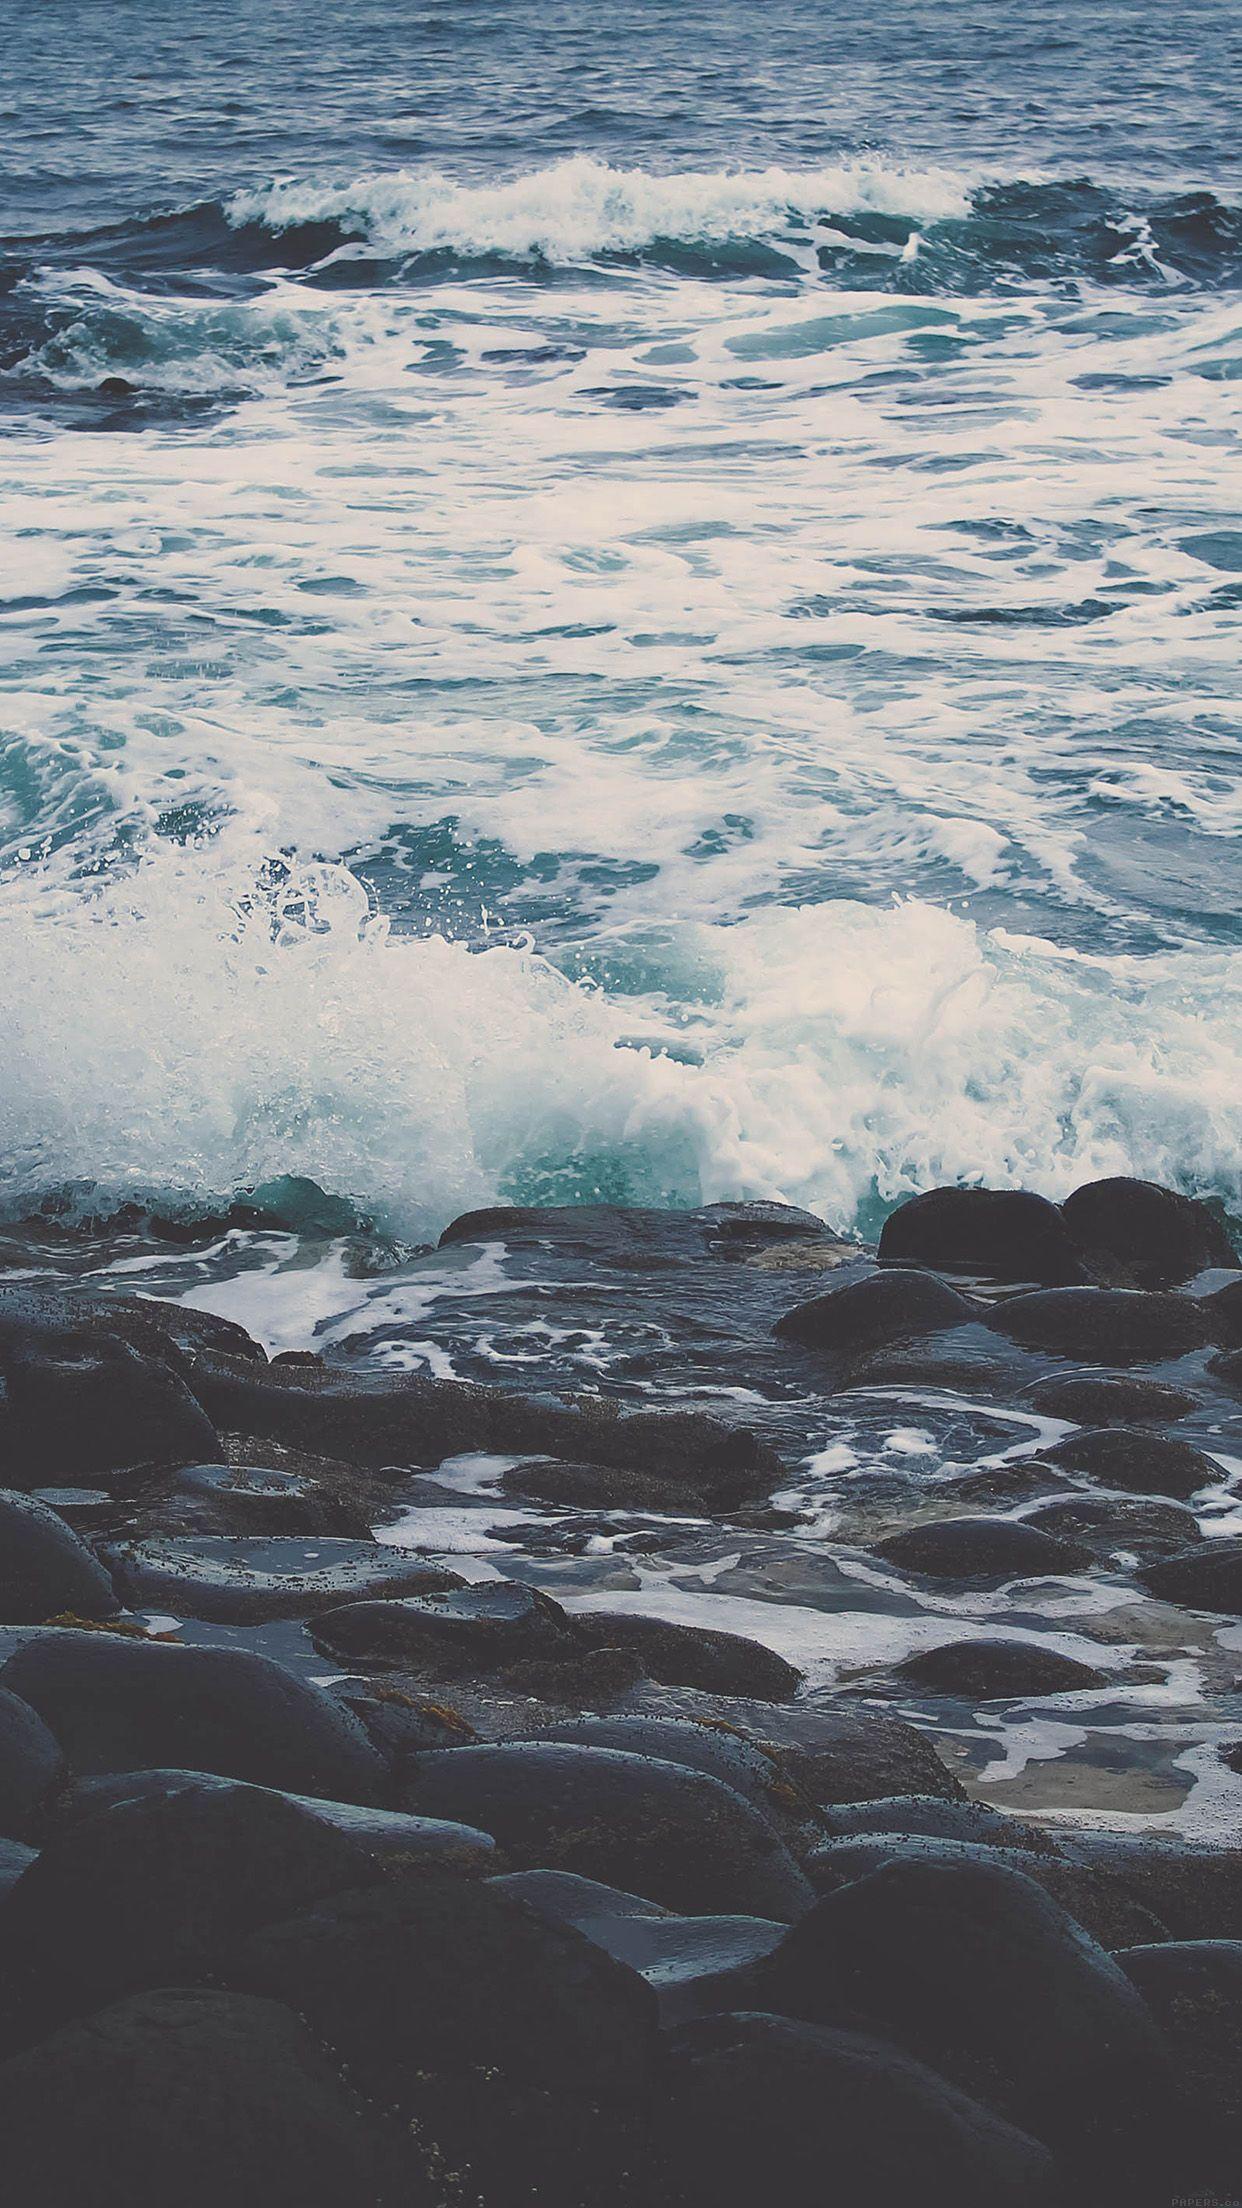 Mtmznzqymjk5ntq4mtqxntc4 Jpg 1 242 2 208 Pixels Beach Wallpaper Tumblr Wallpaper Iphone 7 Wallpapers